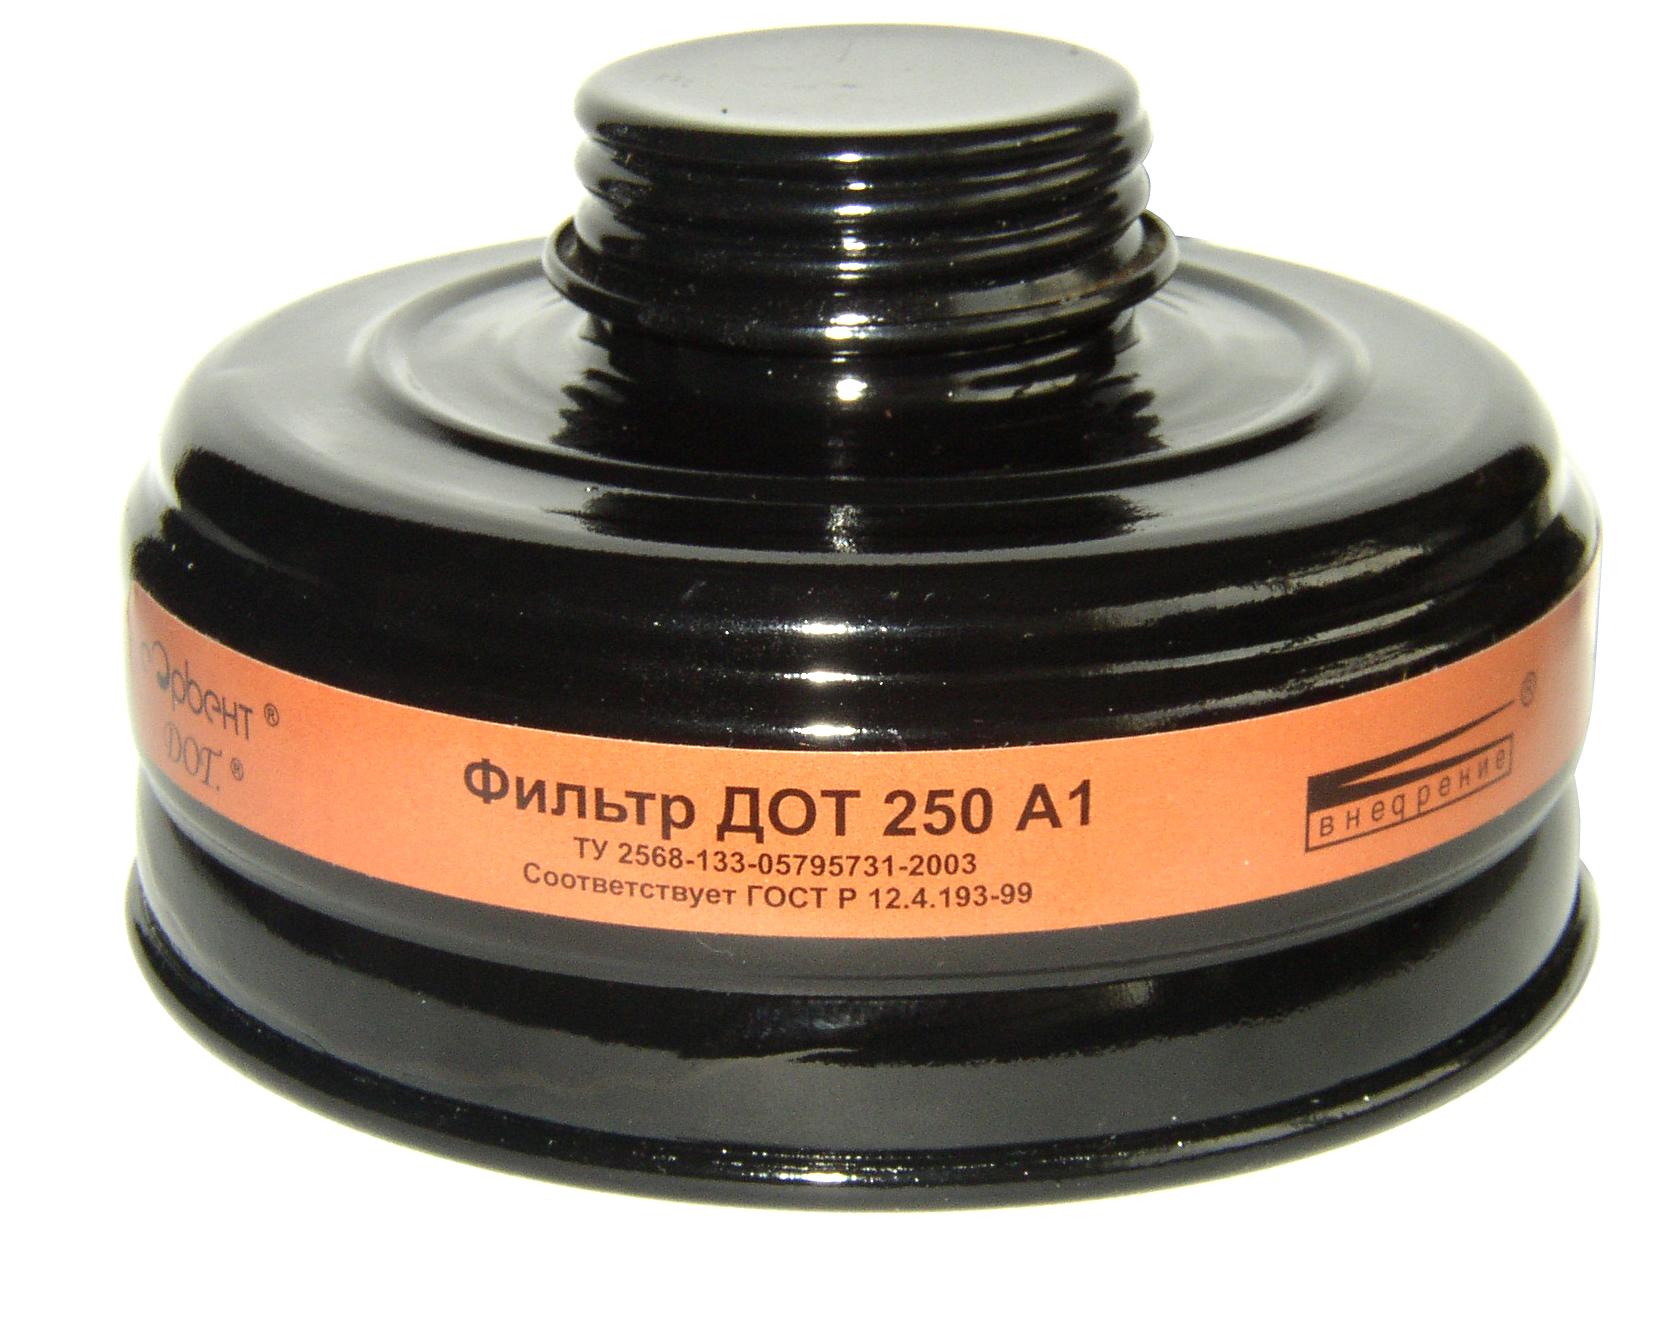 термобельем фильтрующие элементы к противогазам термобелье